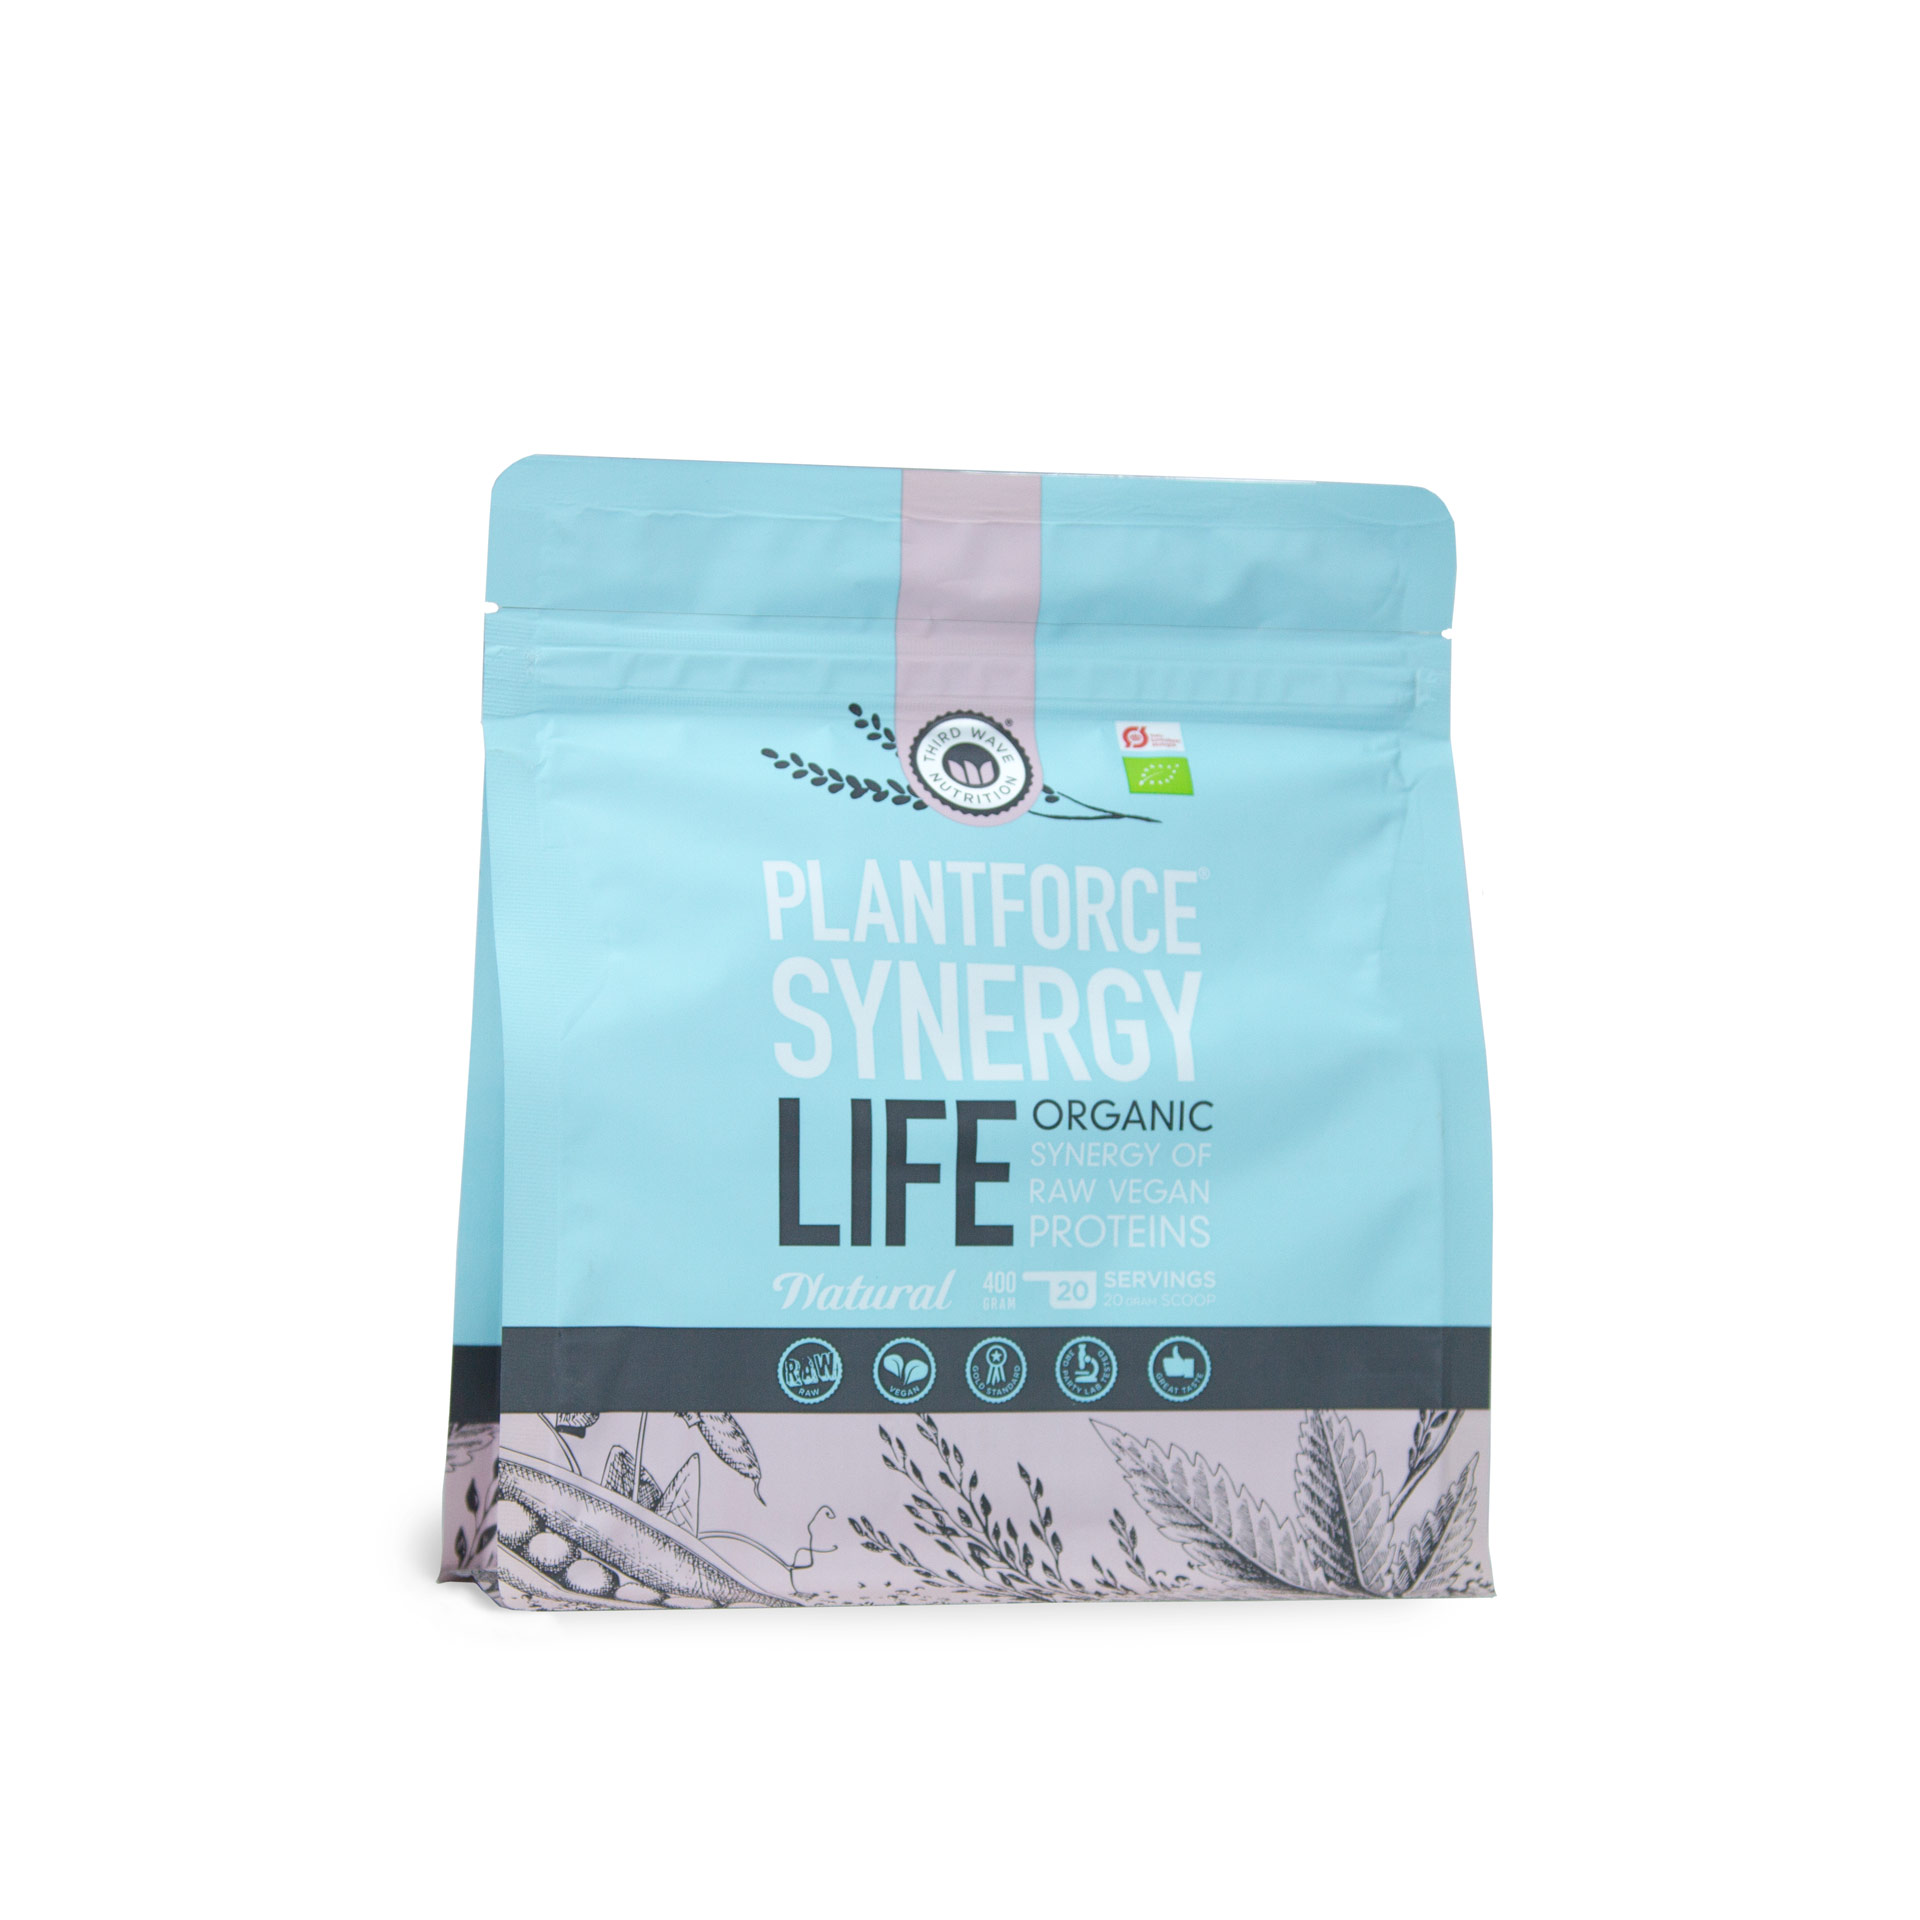 Veganes Proteinpulver von Planforce Synergy in Bio-Qualität